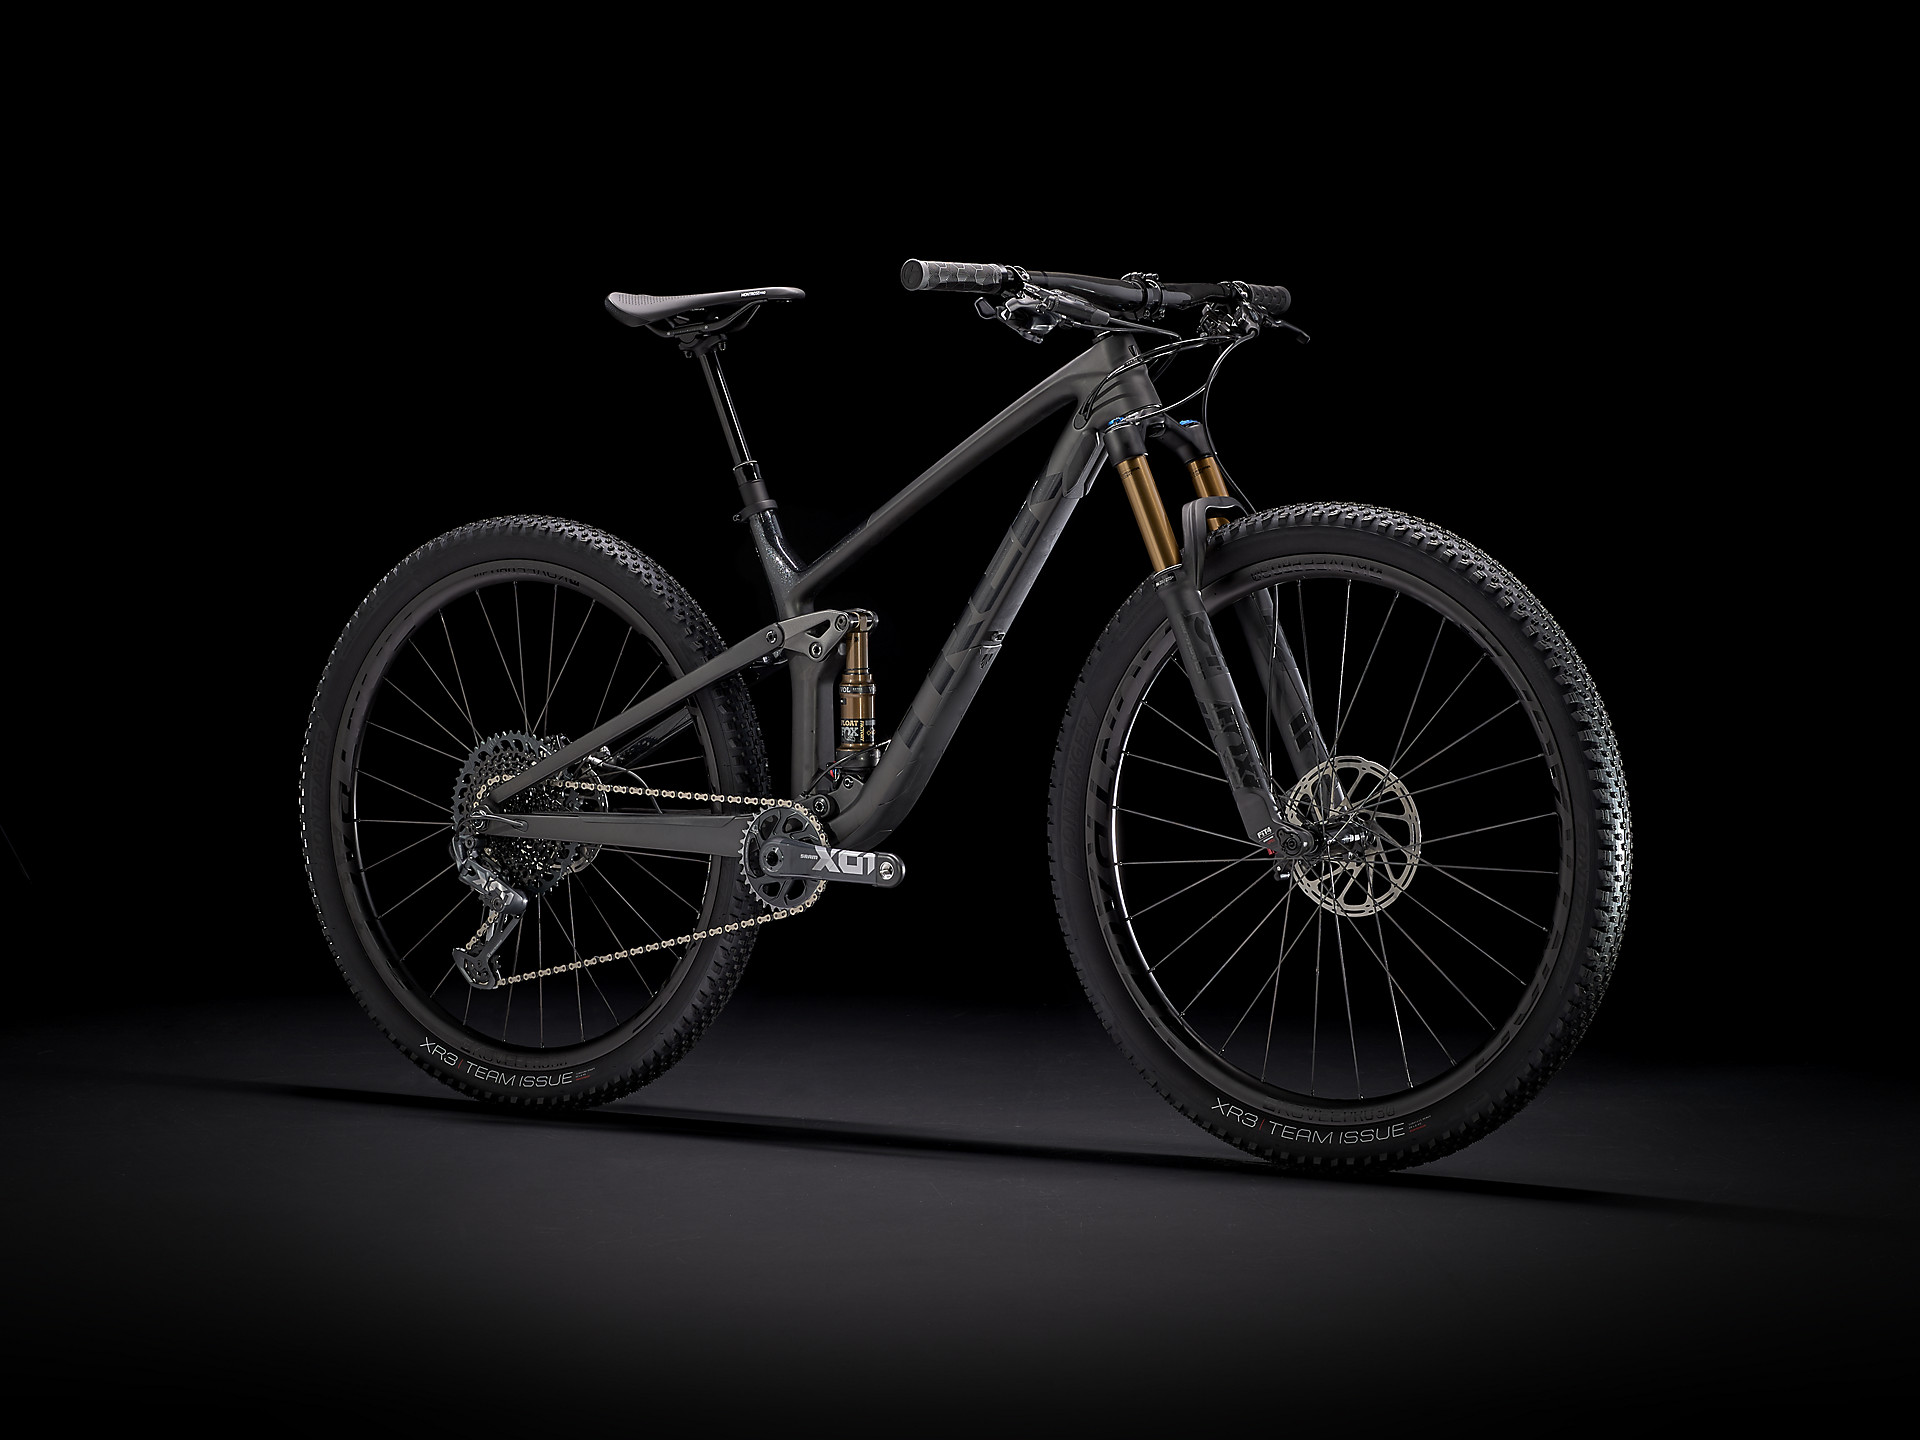 Trek Top Fuel 9.9 X01 Eagle